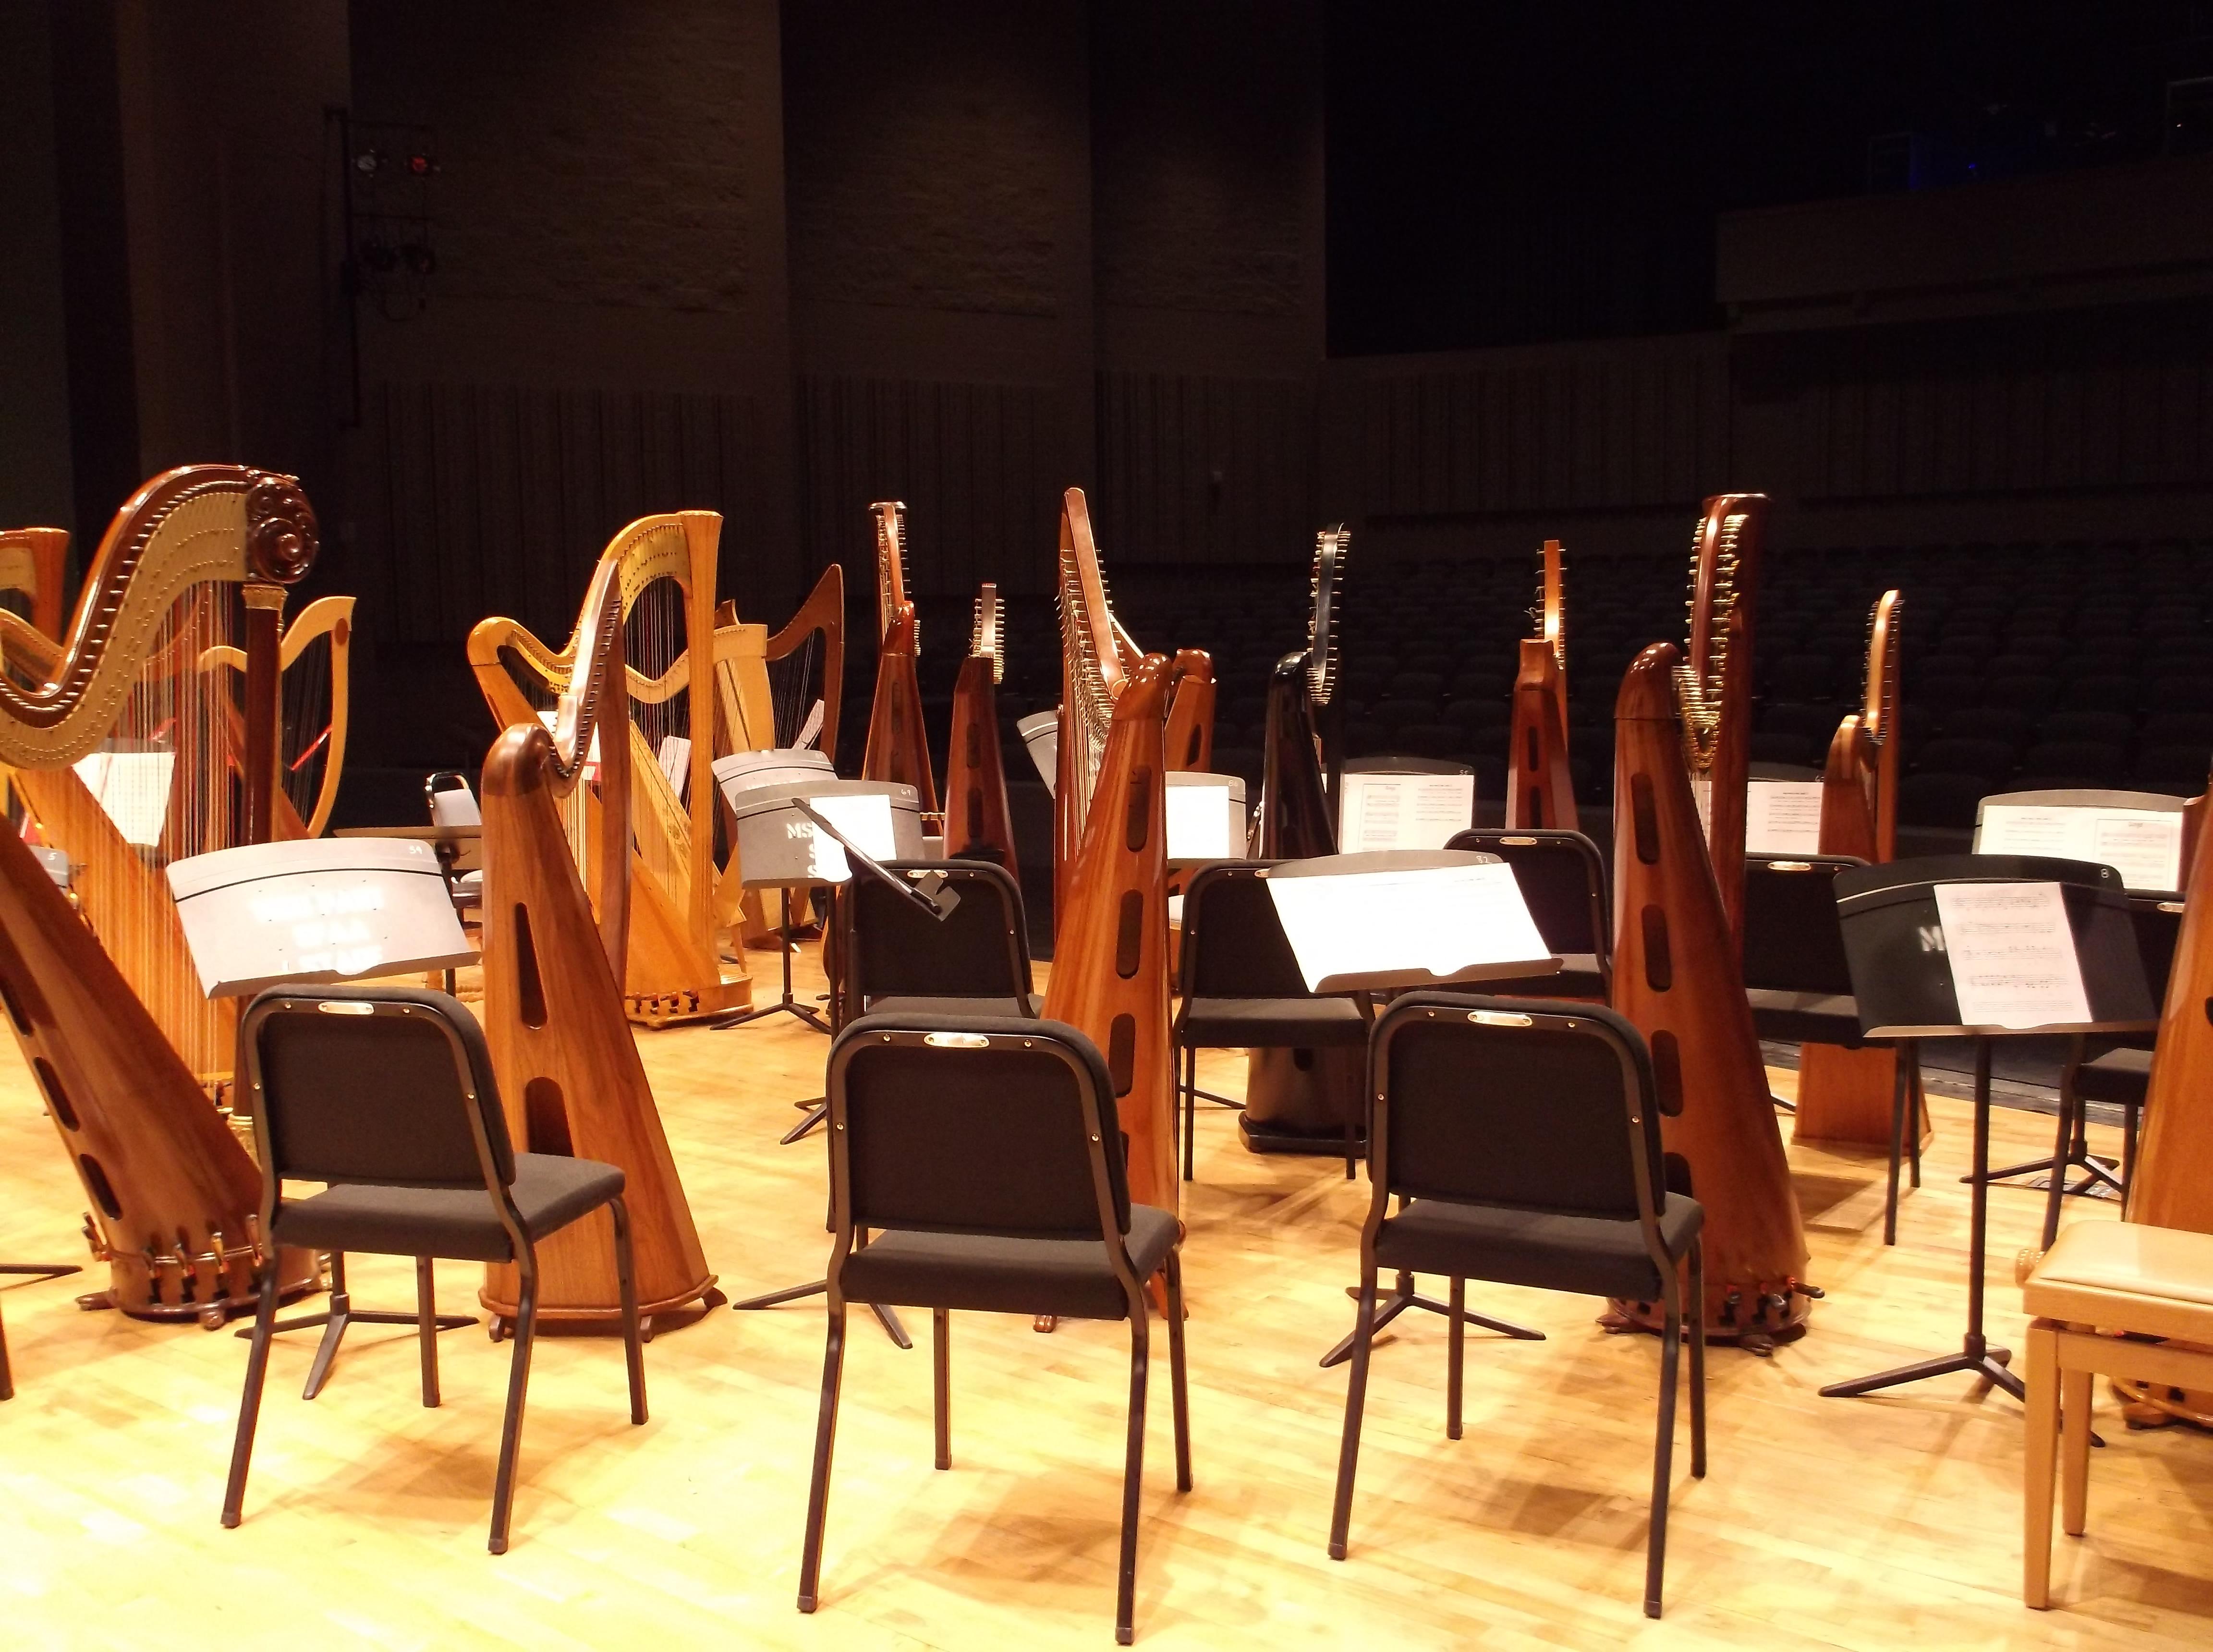 harp-forest-from-nancy-herington.jpg